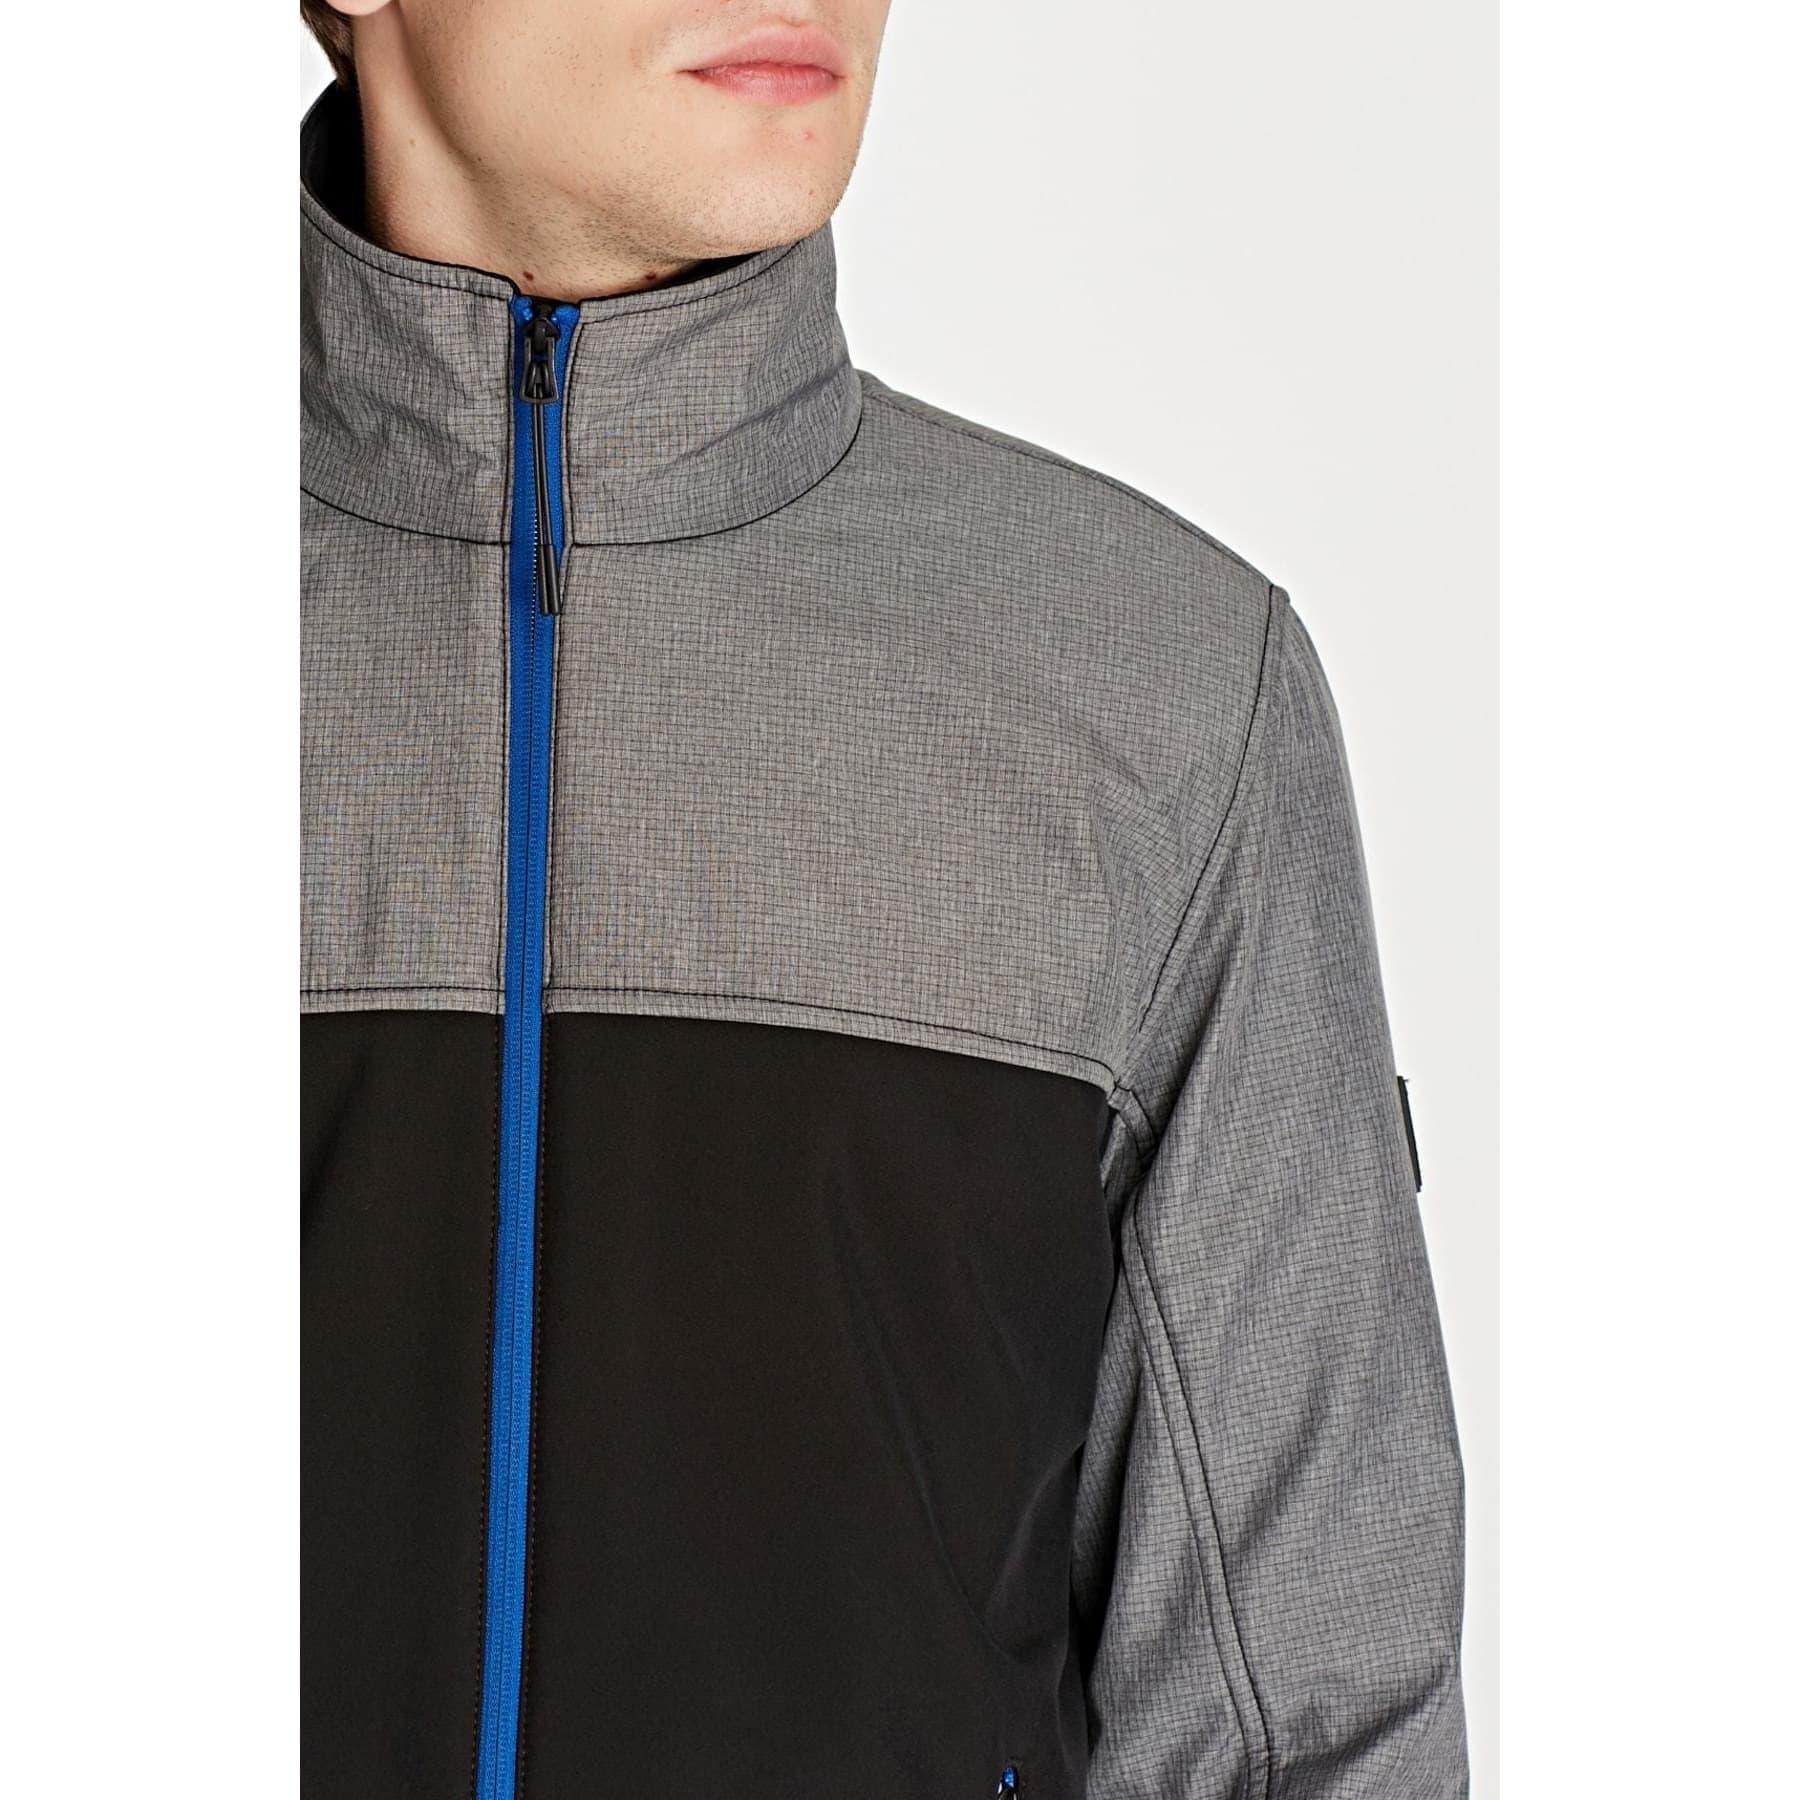 Dik Yakali Ceket Siyah